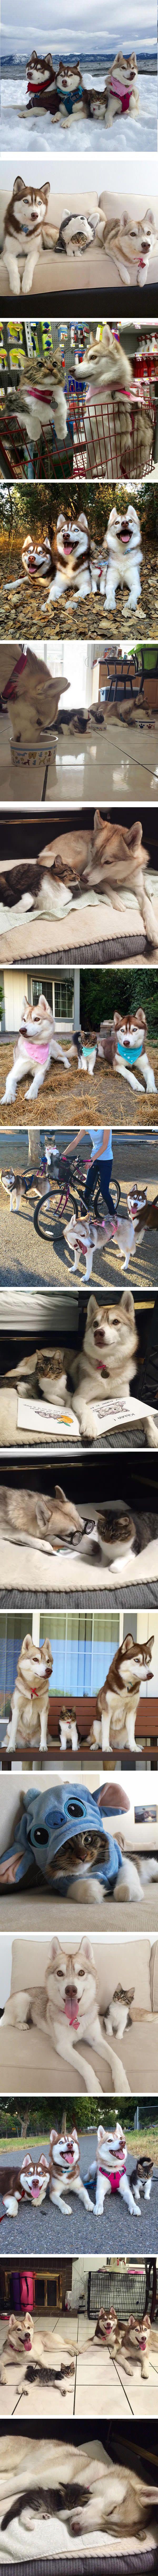 Il y a 6 mois, trois Huskies se baladaient tranquillement loin de leur foyer lorsqu'ils remarquèrent qu'un chaton, enfoncé dans la neige et proche de l'hypothermie, était seul et n'avait que peu de chance de survivre.